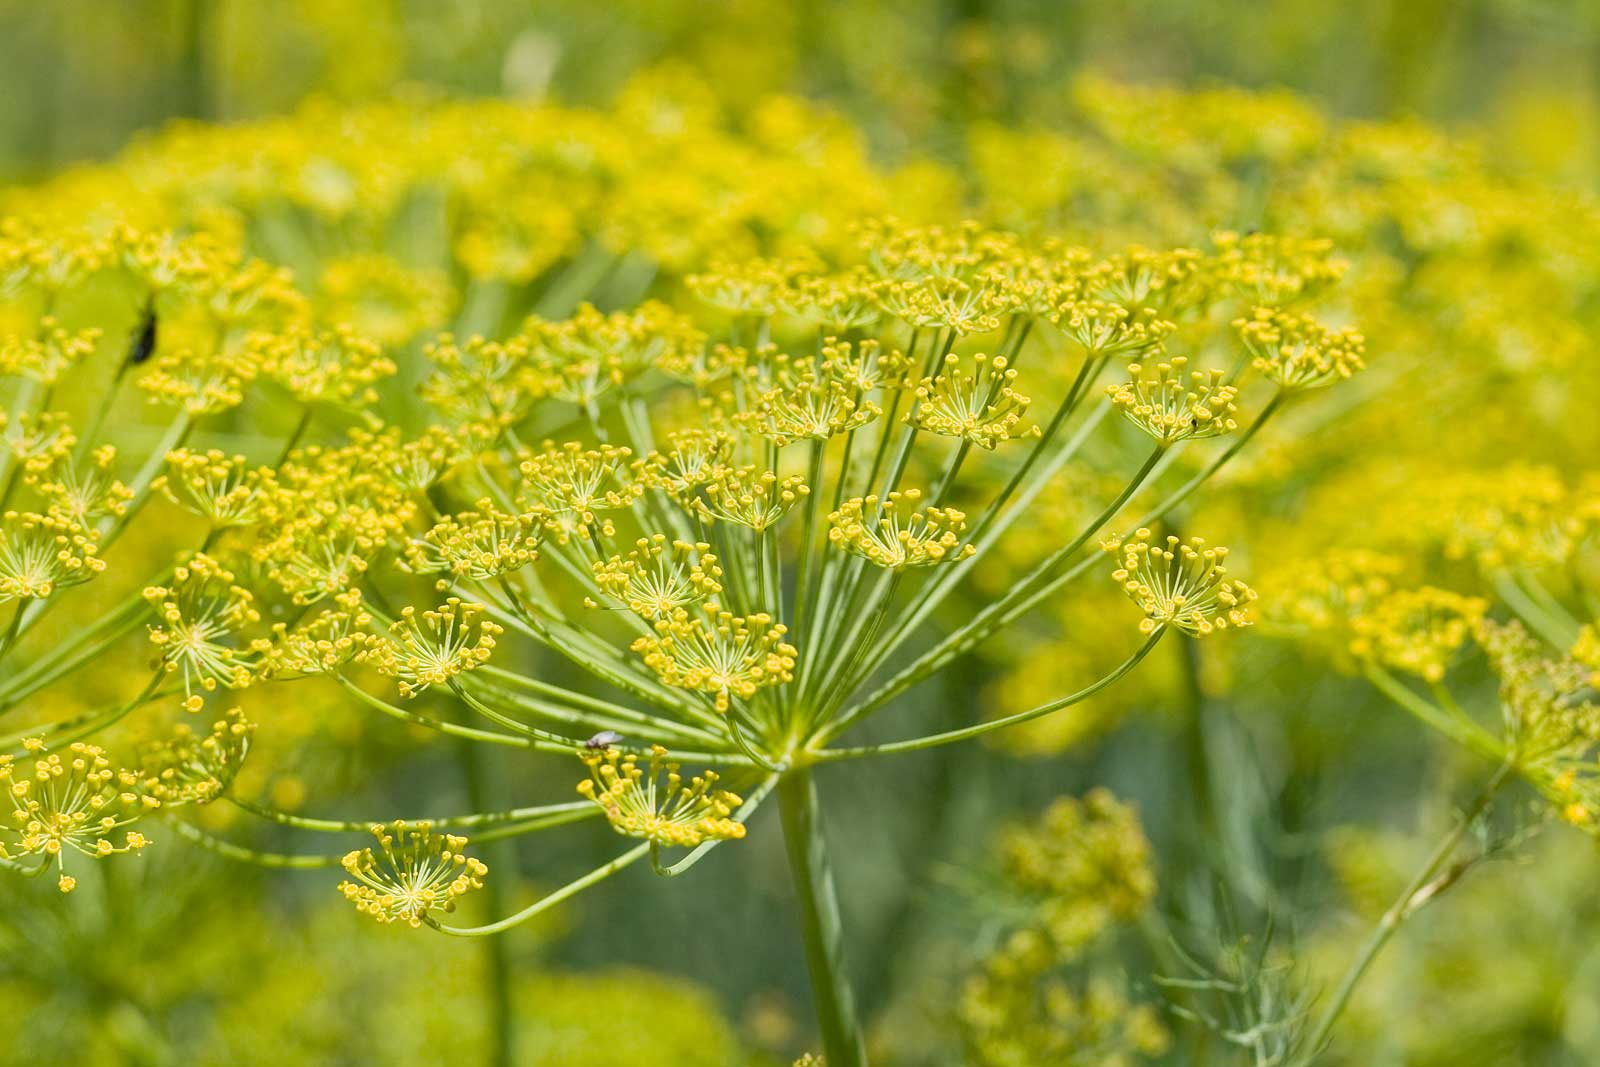 Dalmatinska mišancija - koje biljke brati i kako pripremati? Koromač